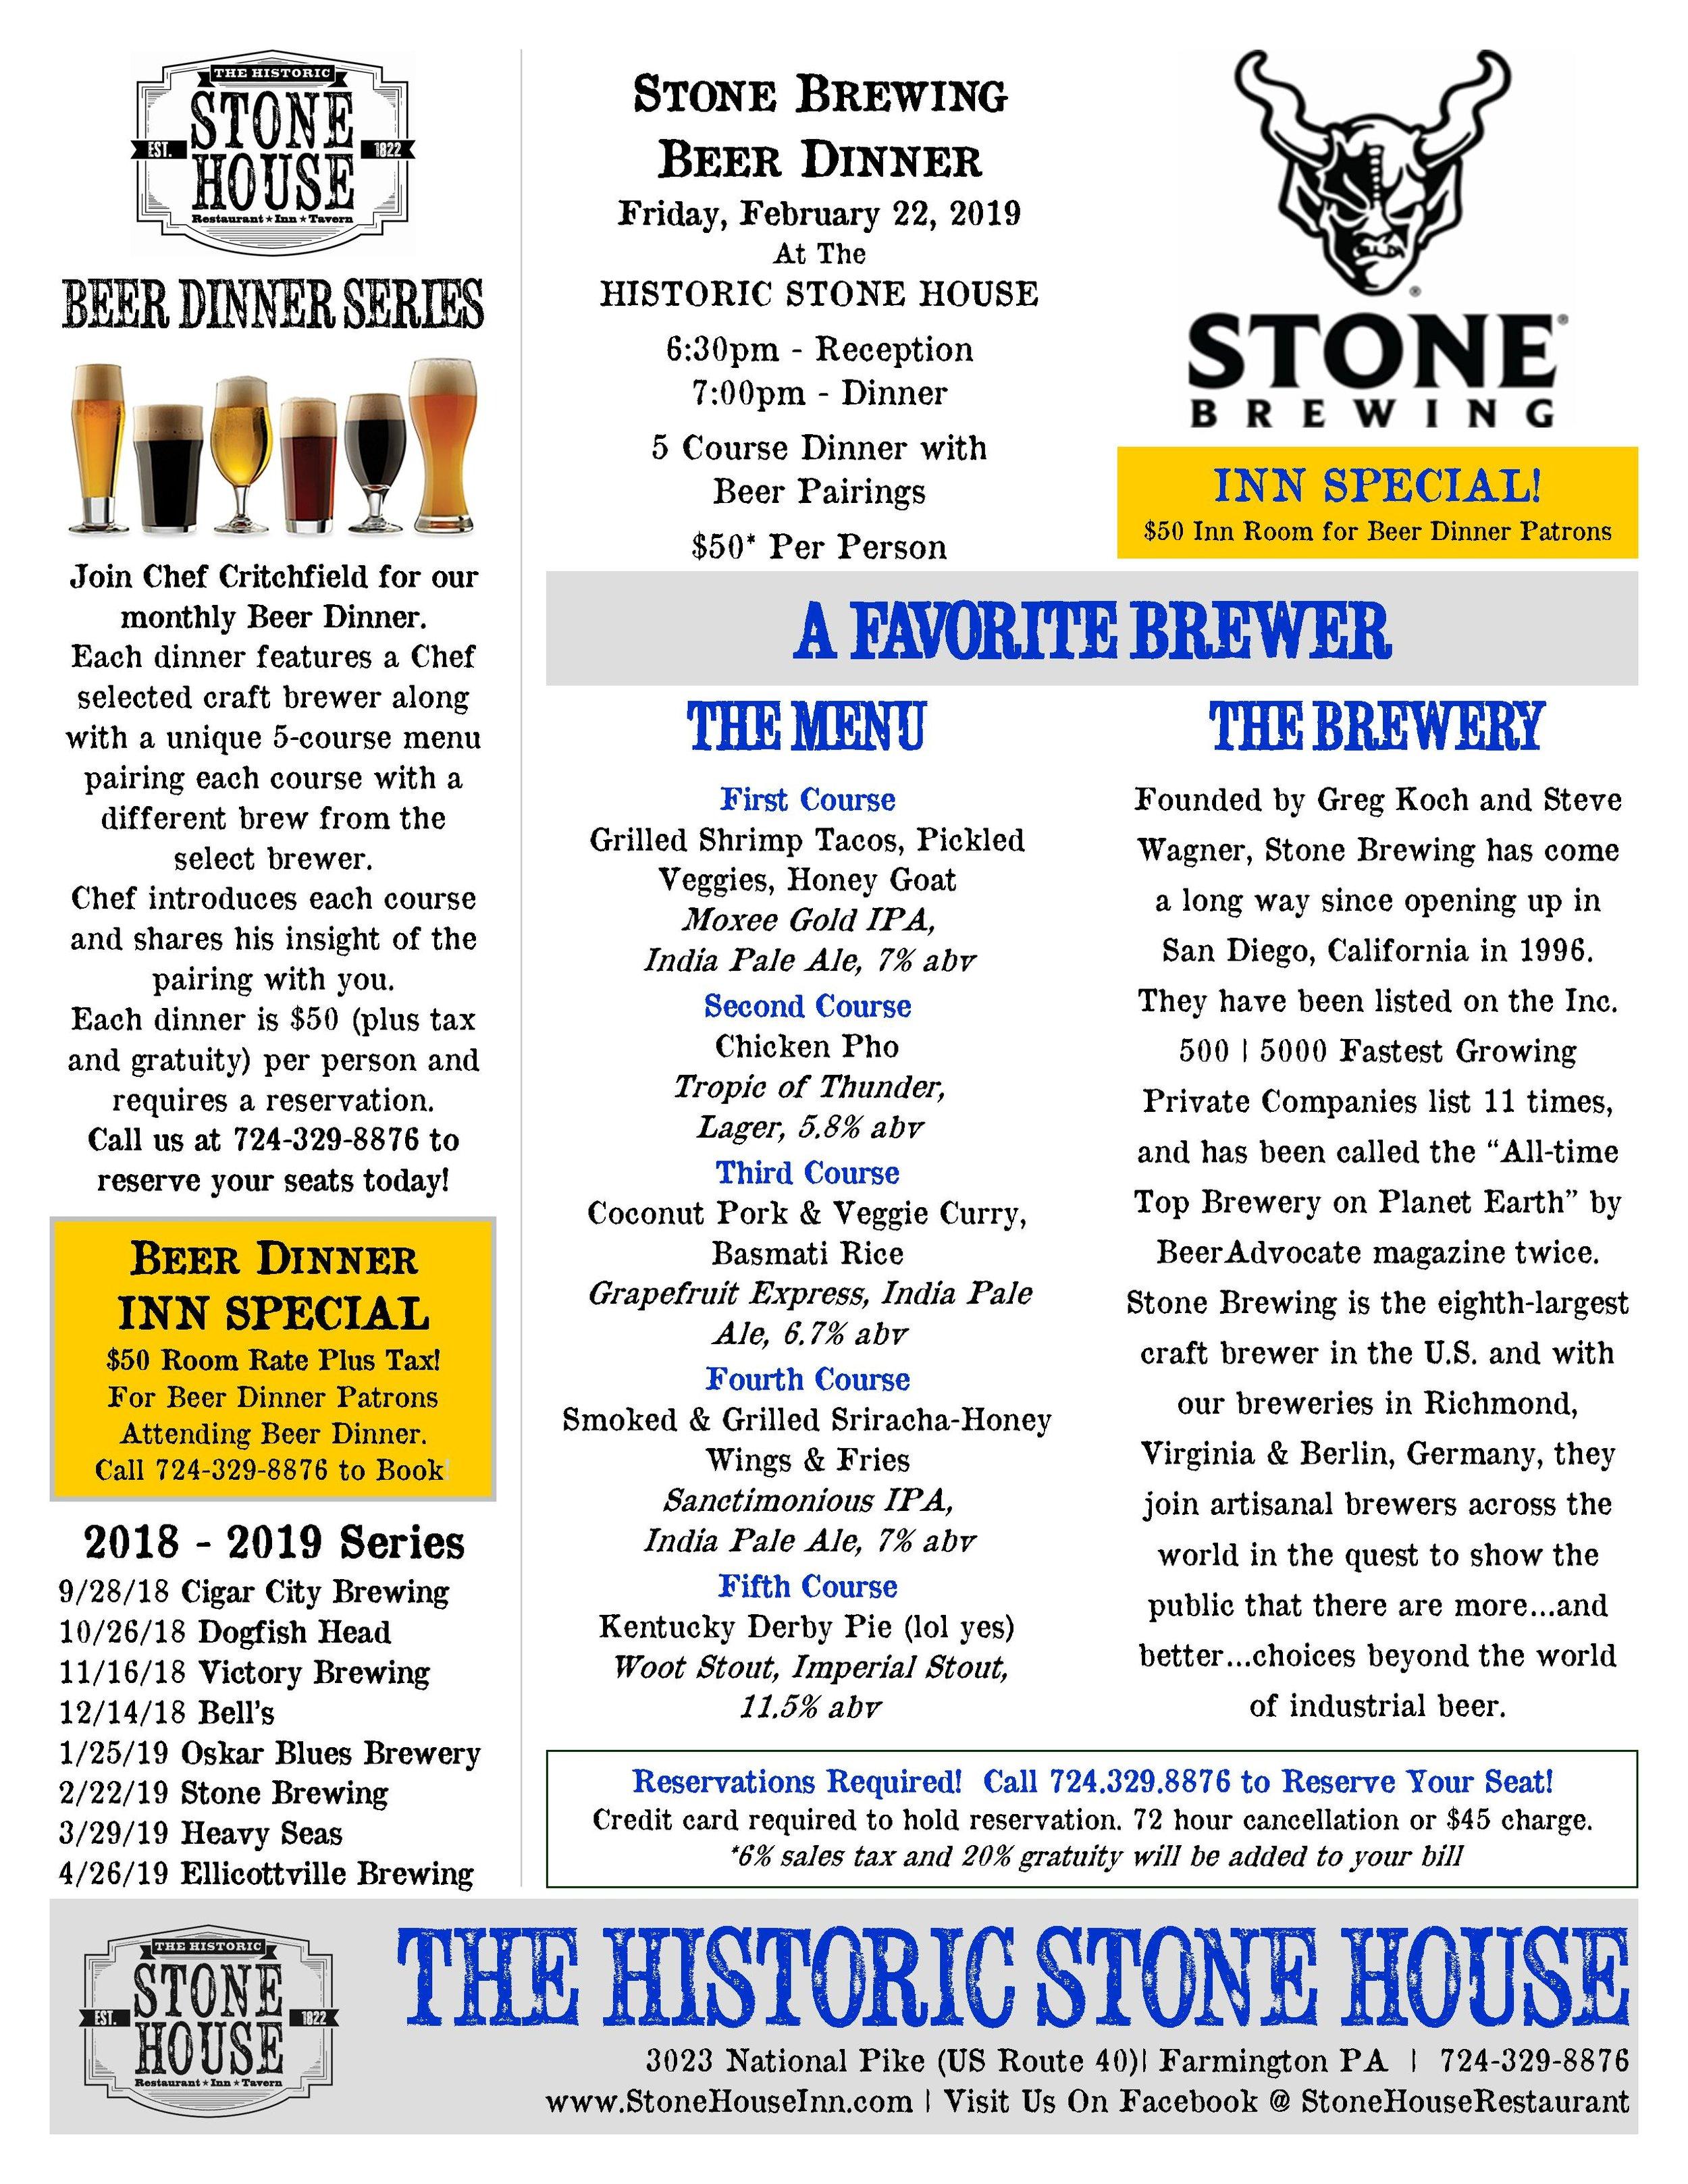 Stone Brewing Beer Dinner 022219.jpg